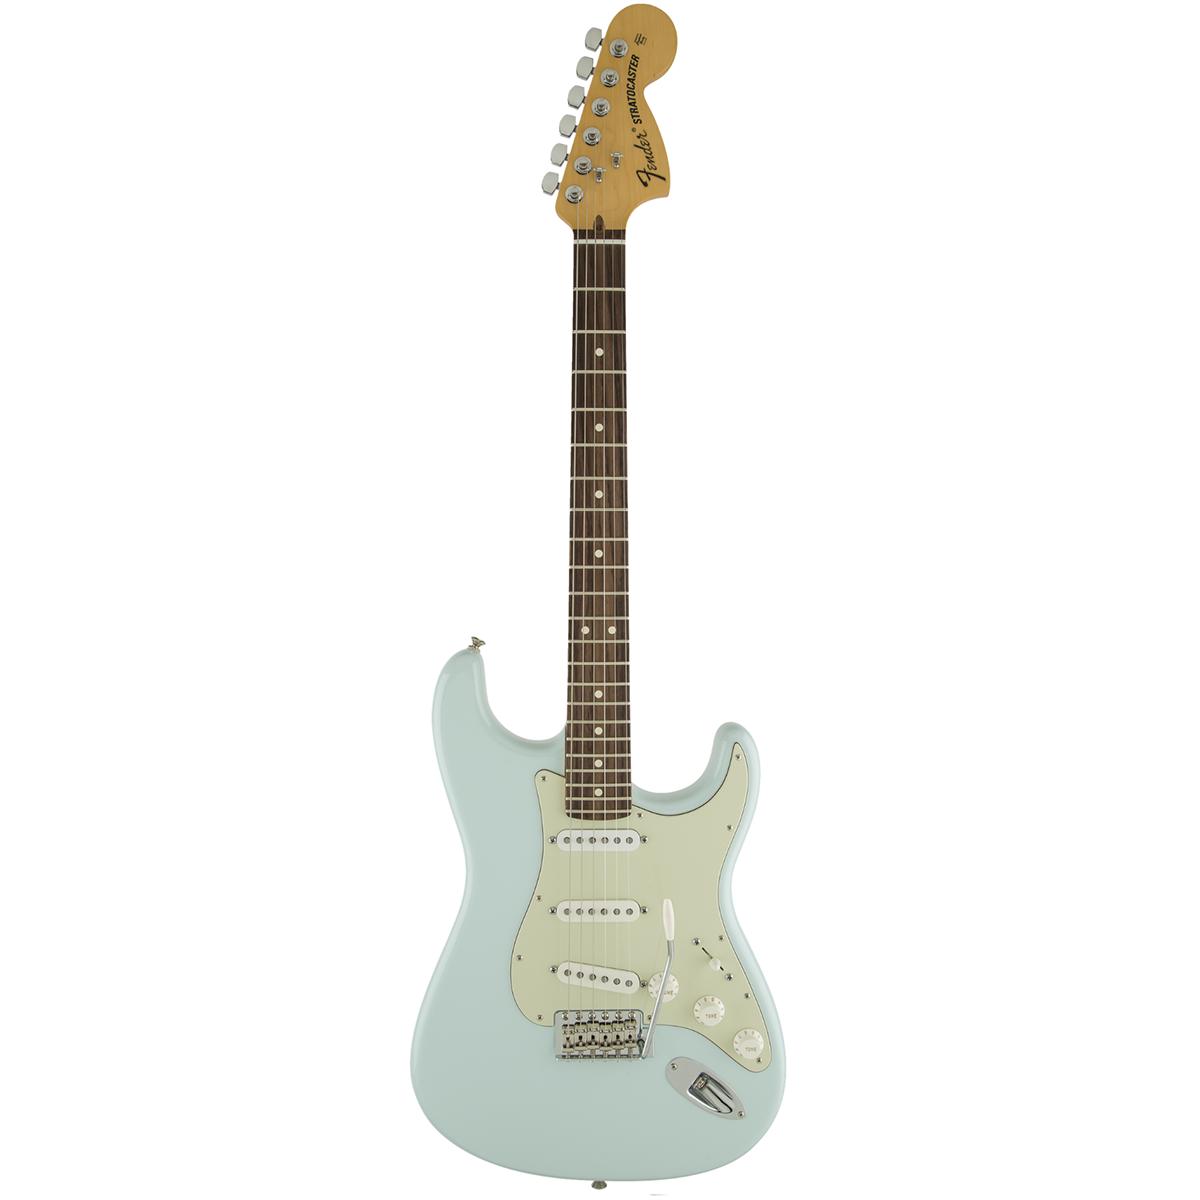 Billede af Fender AmericanSpecialStratocaster,RW,SBL el-guitar sonicblue